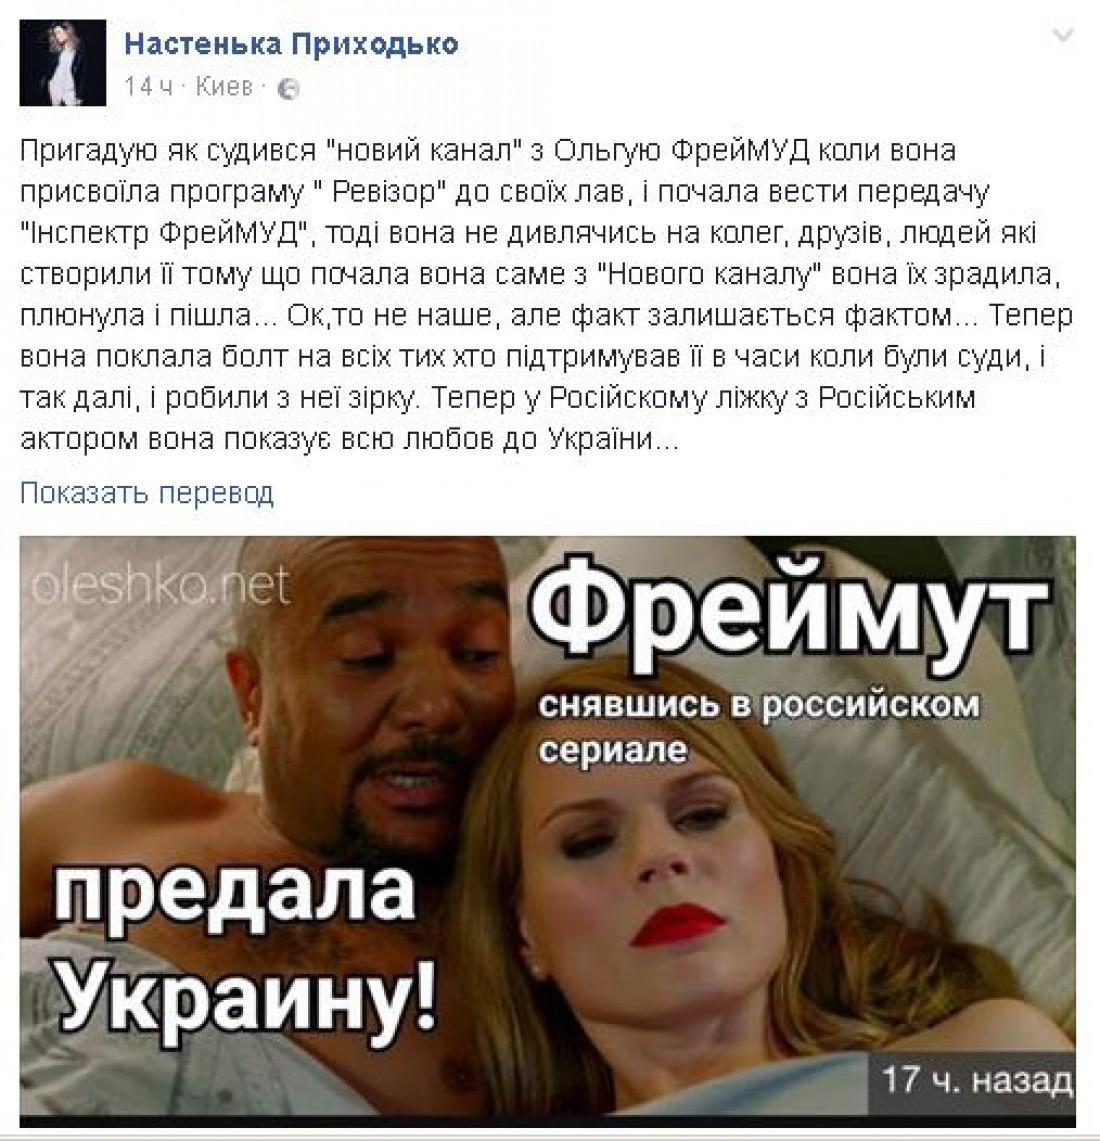 Пост в Facebook Анастасии Приходько